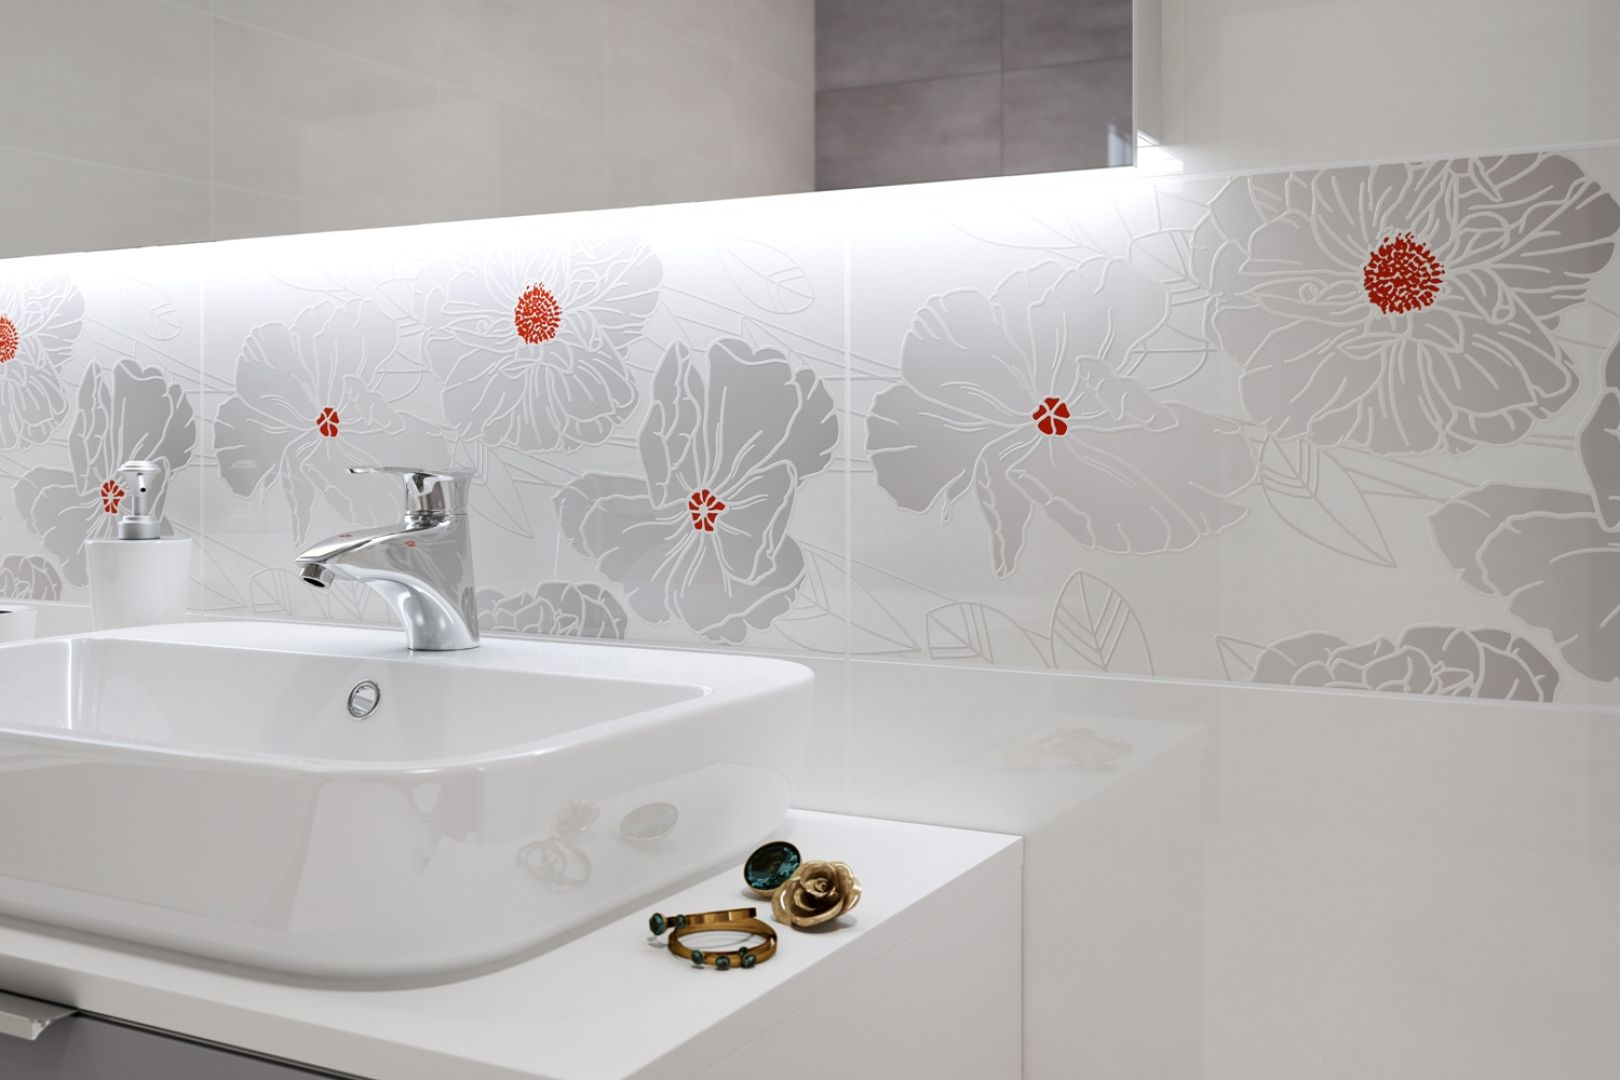 Dobrze zagospodarowana przestrzeń to podstawa funkcjonalnego iprzytulnego wnętrza. Odpowiednie zaaranżowanie łazienki na 3–4 metrach kwadratowych wymaga jednak pomysłowości idobrego planu. Fot. Cersanit